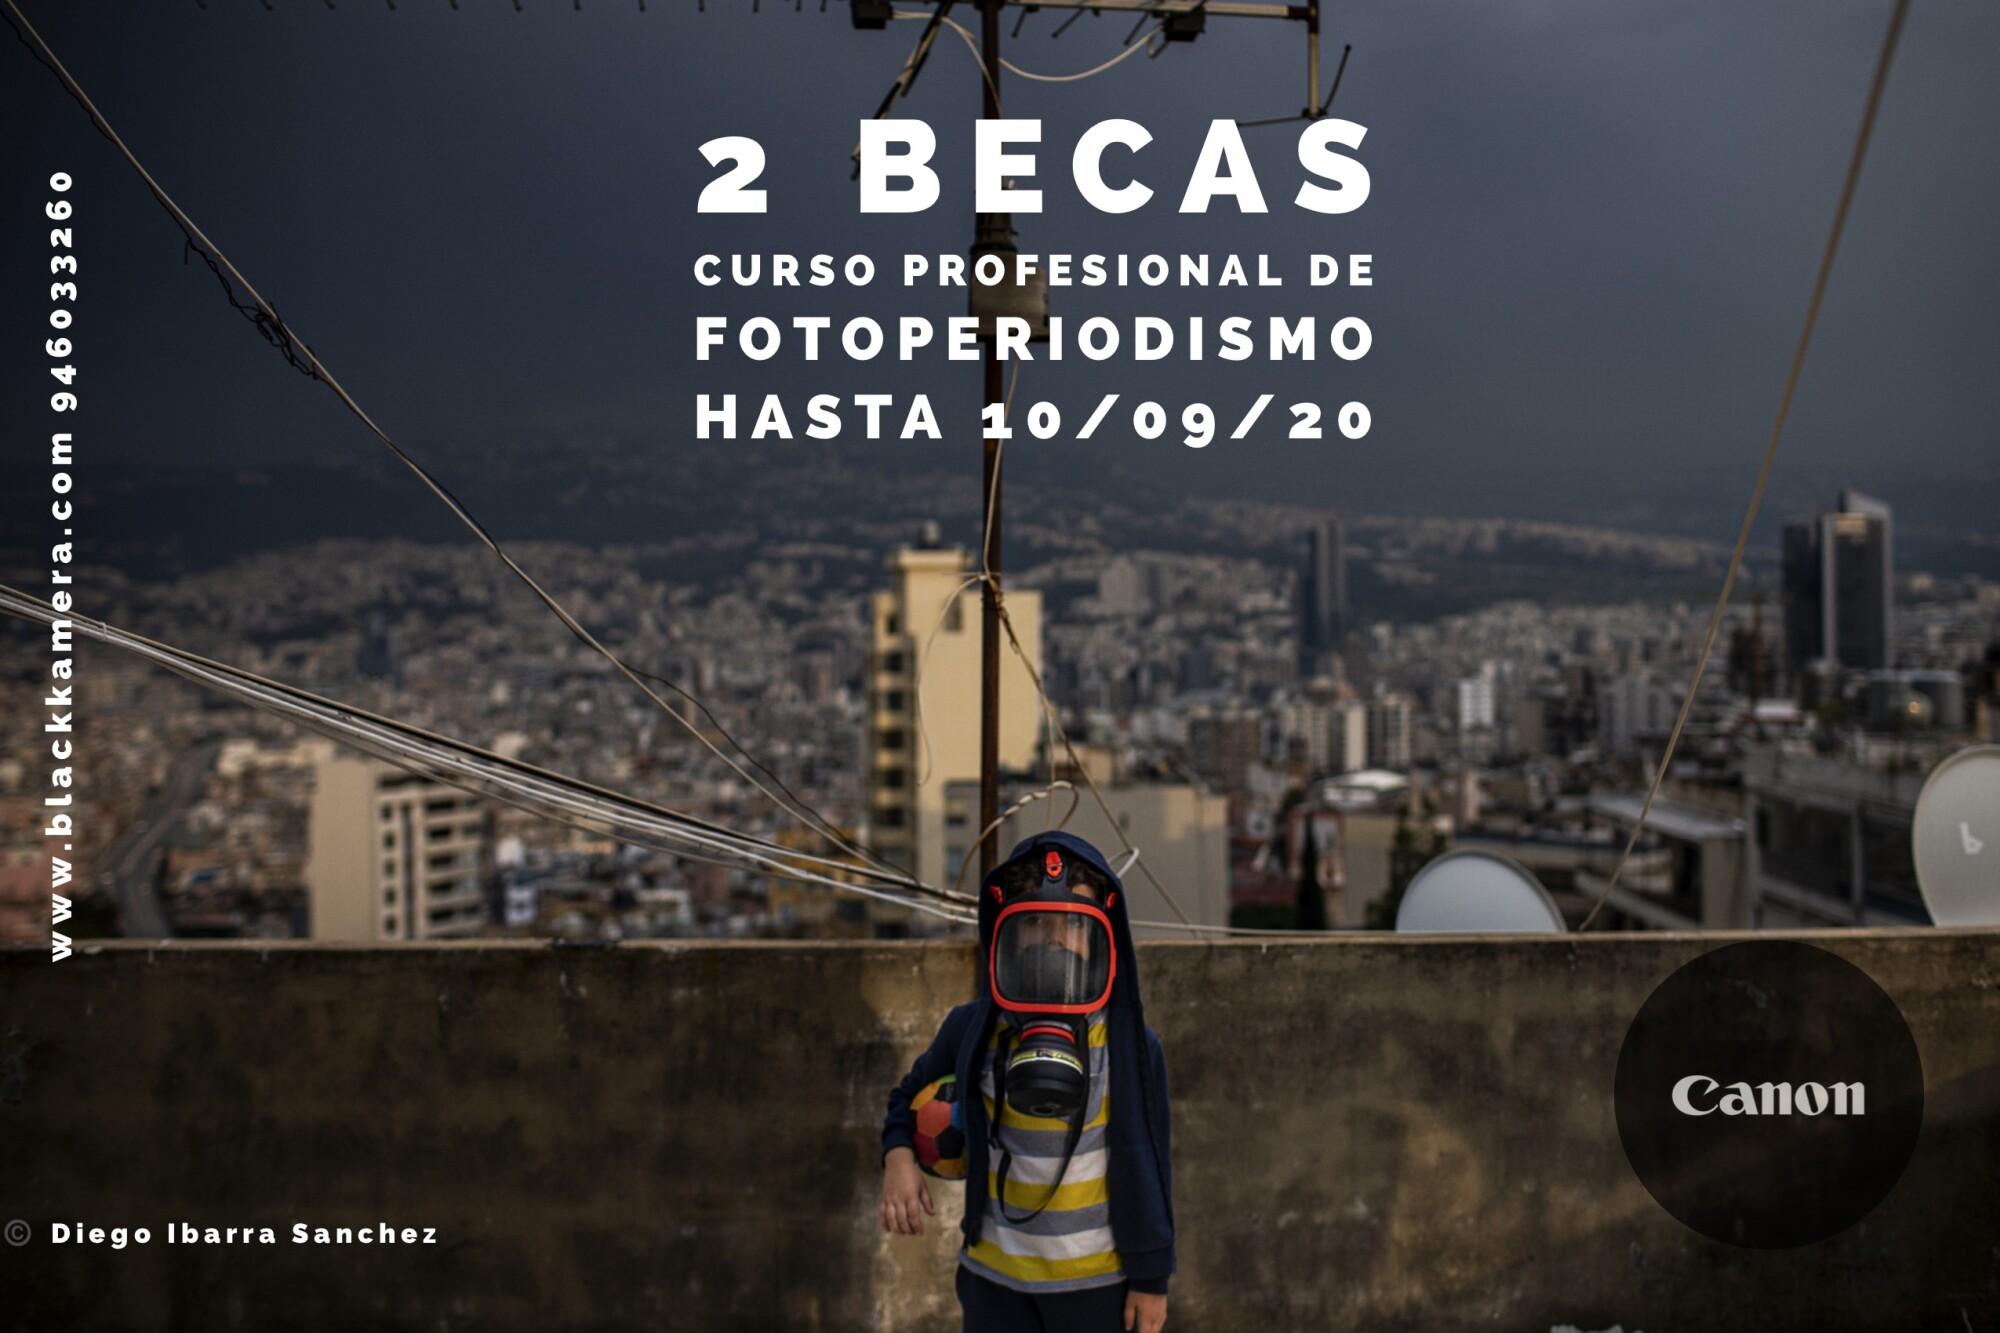 Dos becas en el Curso Profesional de Fotoperiodismo.